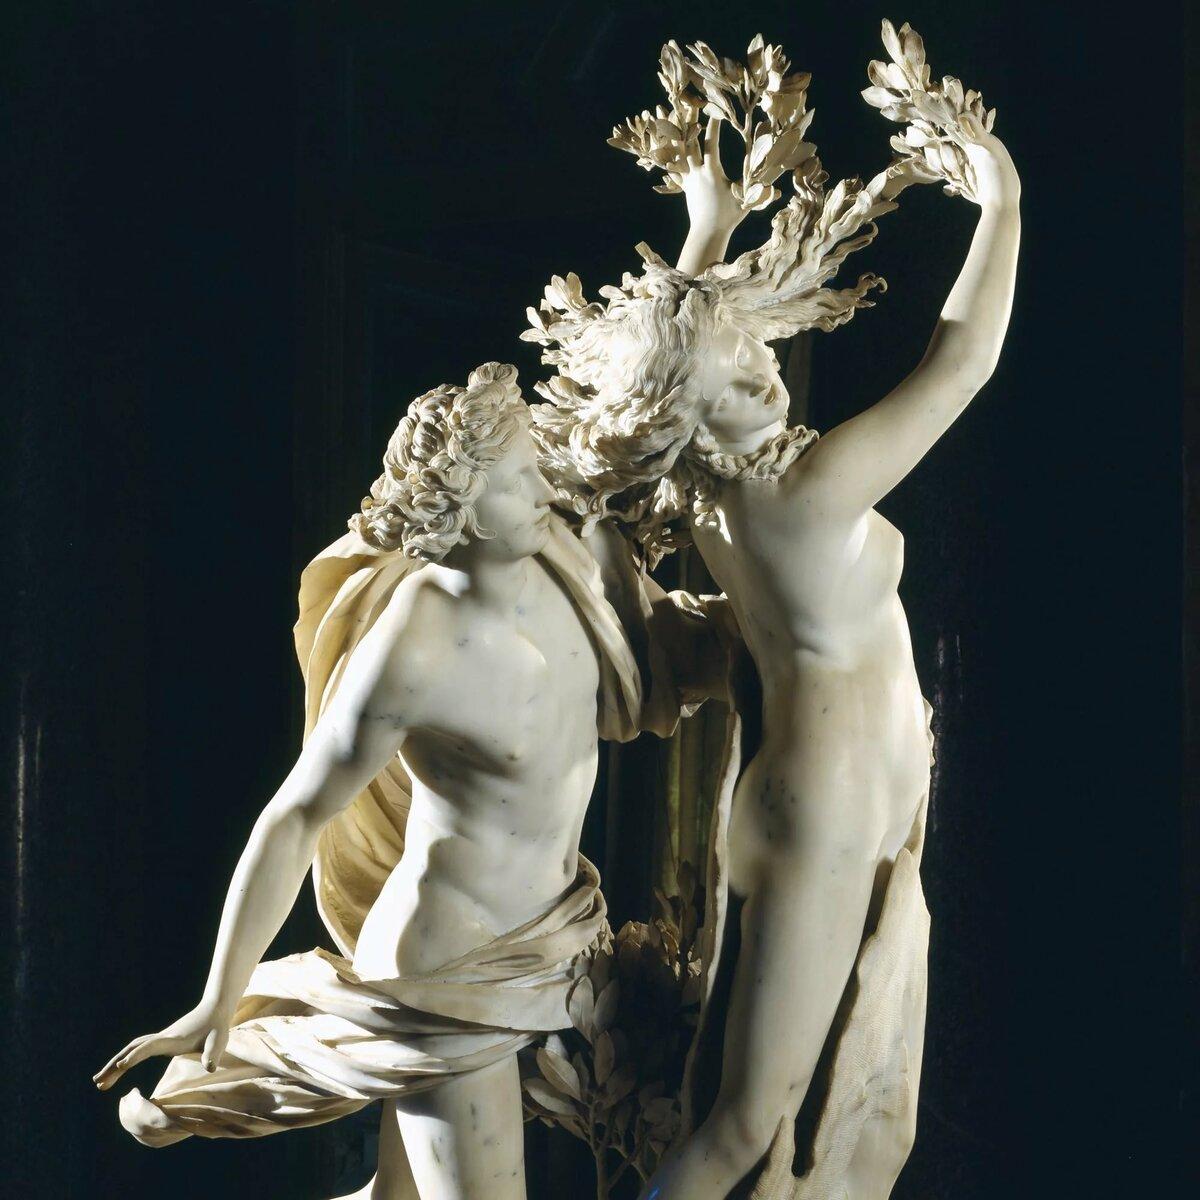 спешите бернини скульптуры фото удивительная природа